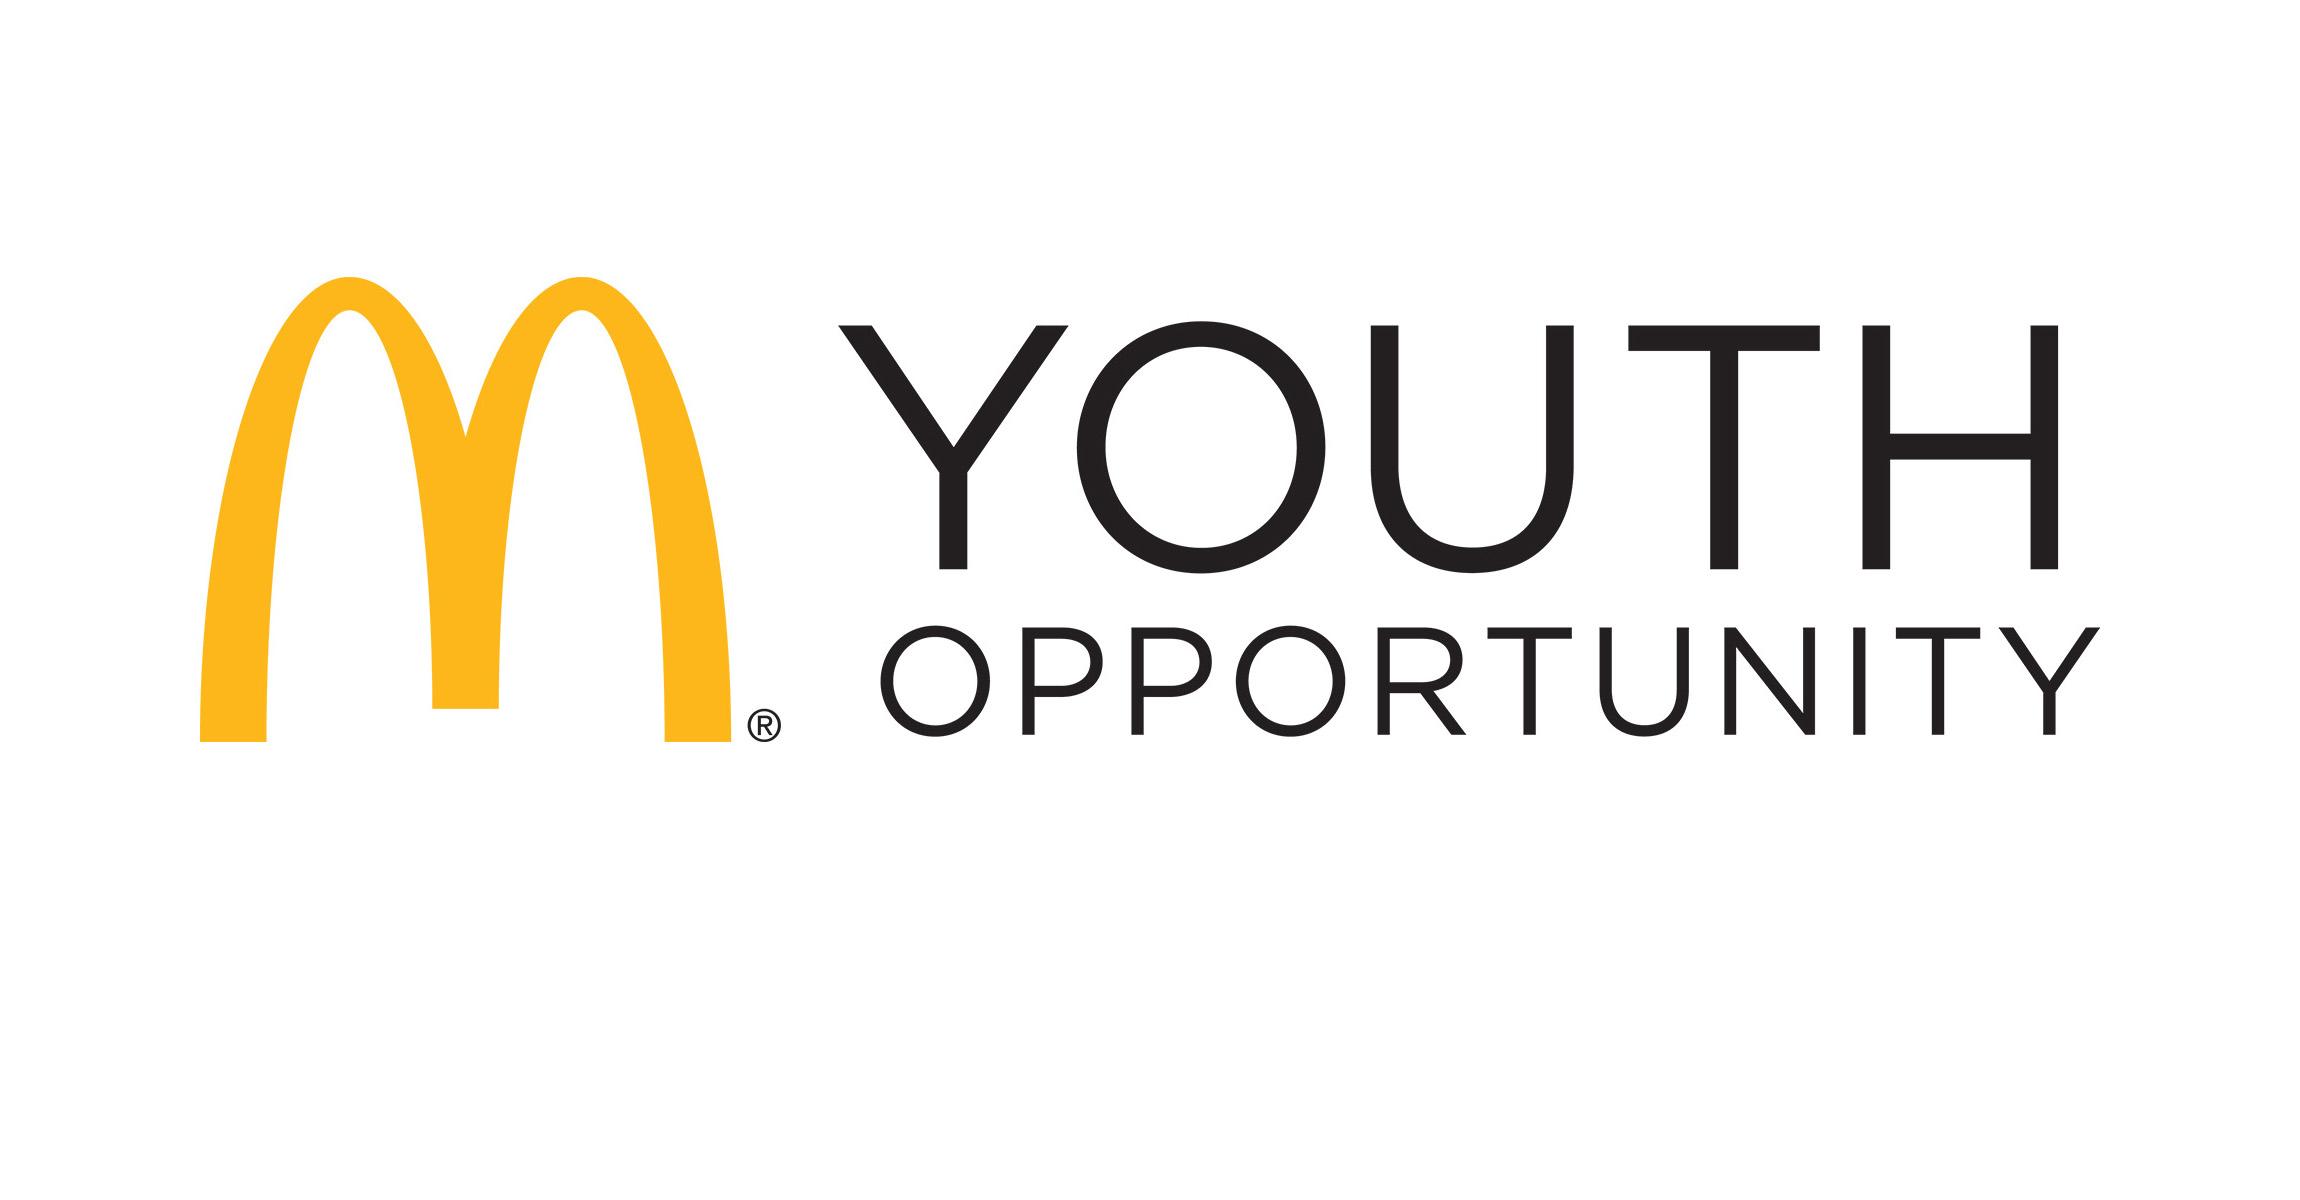 Visita McDonalds.com/People para más información.